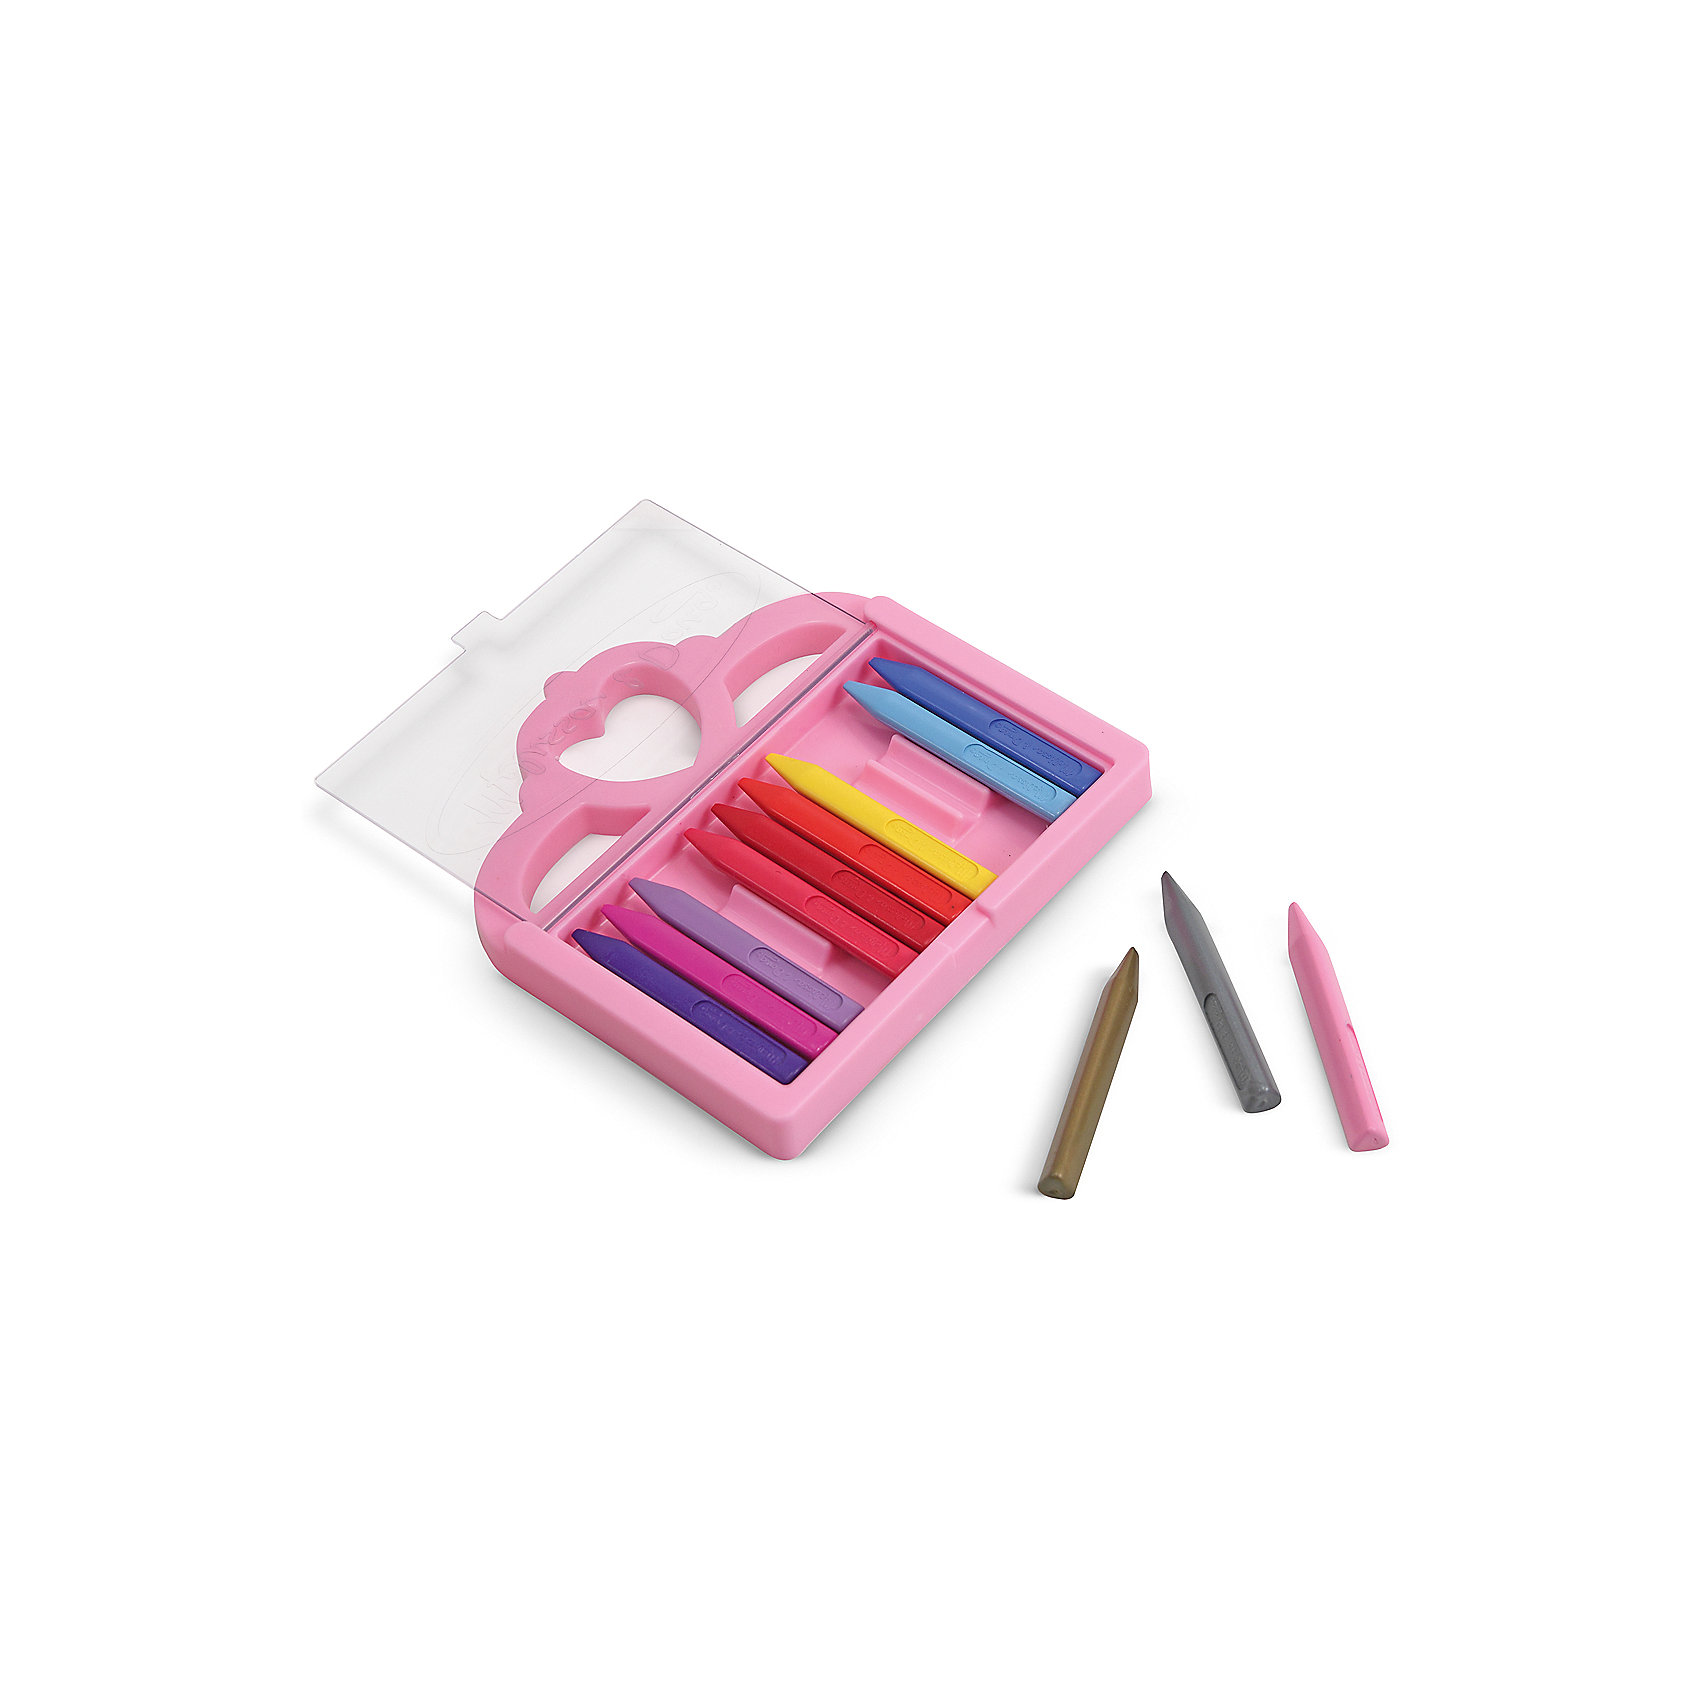 Набор карандашей для ПринцессыРисование<br>Набор цветных карандашей – классический пункт в списке школьных покупок. Качественные карандаши прослужат ребенку не один год даже при активном использовании. Важно подобрать набор с яркими цветами, мягким, но прочным стержнем и грифелем с легкой растушевкой. Данная модель набора цветных карандашей – отличный выбор для обновки школьного пенала. Карандаши имеют трехгранный корпус, что выглядит довольно необычно. Такая форма помогает карандашам не раскатываться по поверхности. Все материалы, использованные при изготовлении, отвечают международным требованиям по качеству и безопасности.<br><br>Дополнительная информация: <br><br>количество цветов: 12 шт;<br>упаковка: коробка.<br><br>Набор карандашей для Принцессы можно приобрести в нашем магазине.<br><br>Ширина мм: 160<br>Глубина мм: 20<br>Высота мм: 160<br>Вес г: 181<br>Возраст от месяцев: 36<br>Возраст до месяцев: 108<br>Пол: Женский<br>Возраст: Детский<br>SKU: 4993649